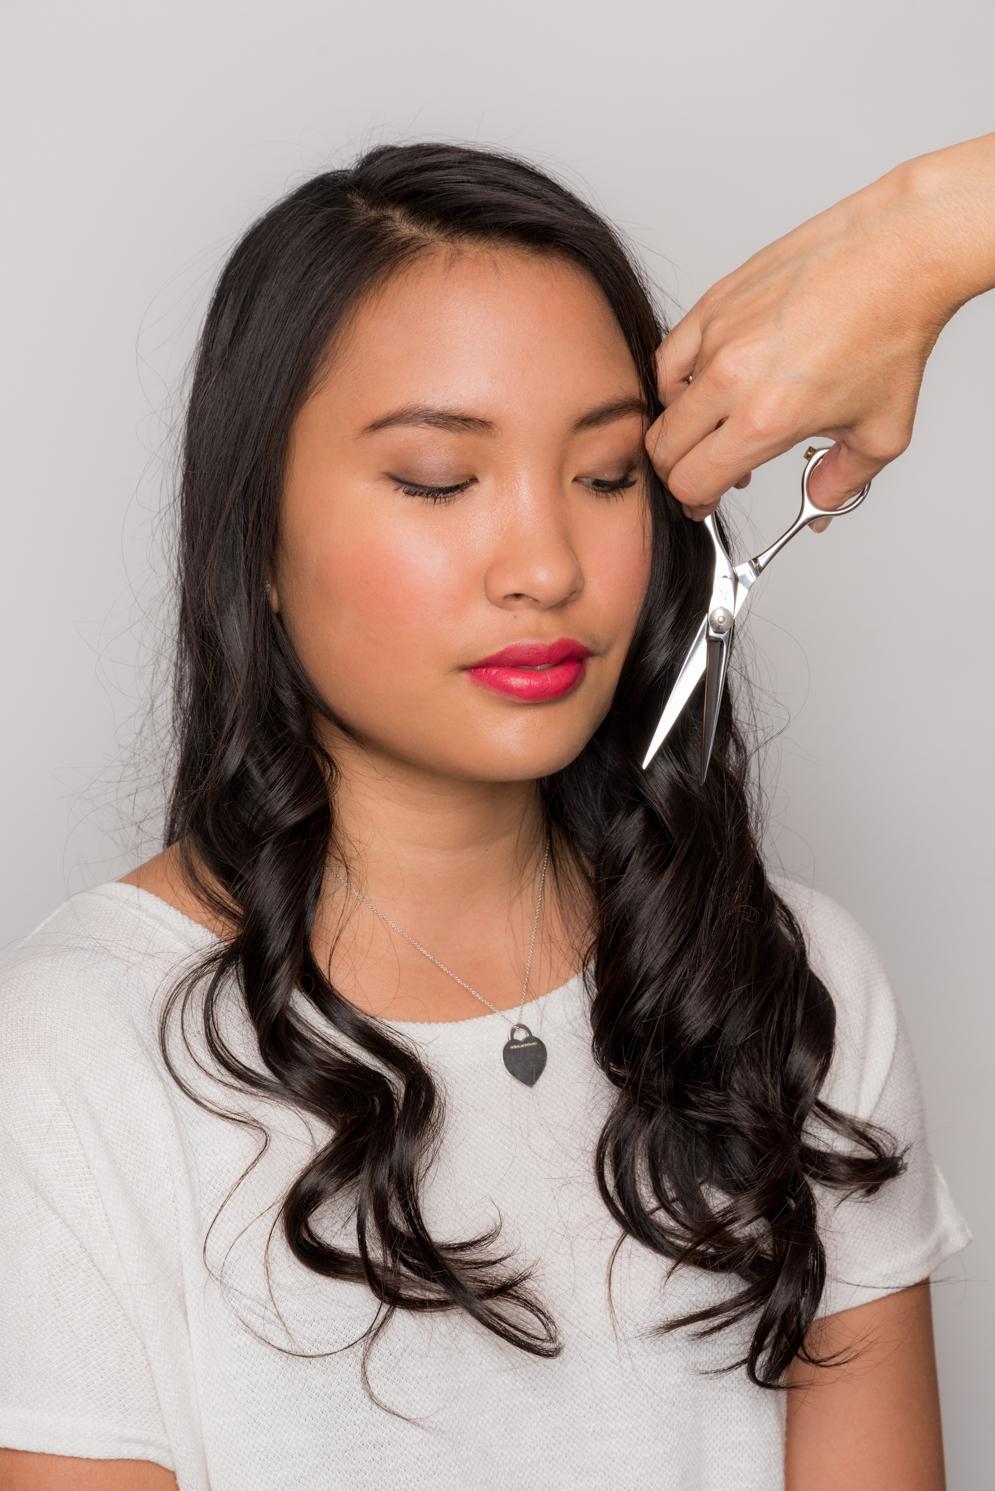 ROCK MAMA NYC LIFESTYLE BLOG - FACE FRAMING HAIR CUT